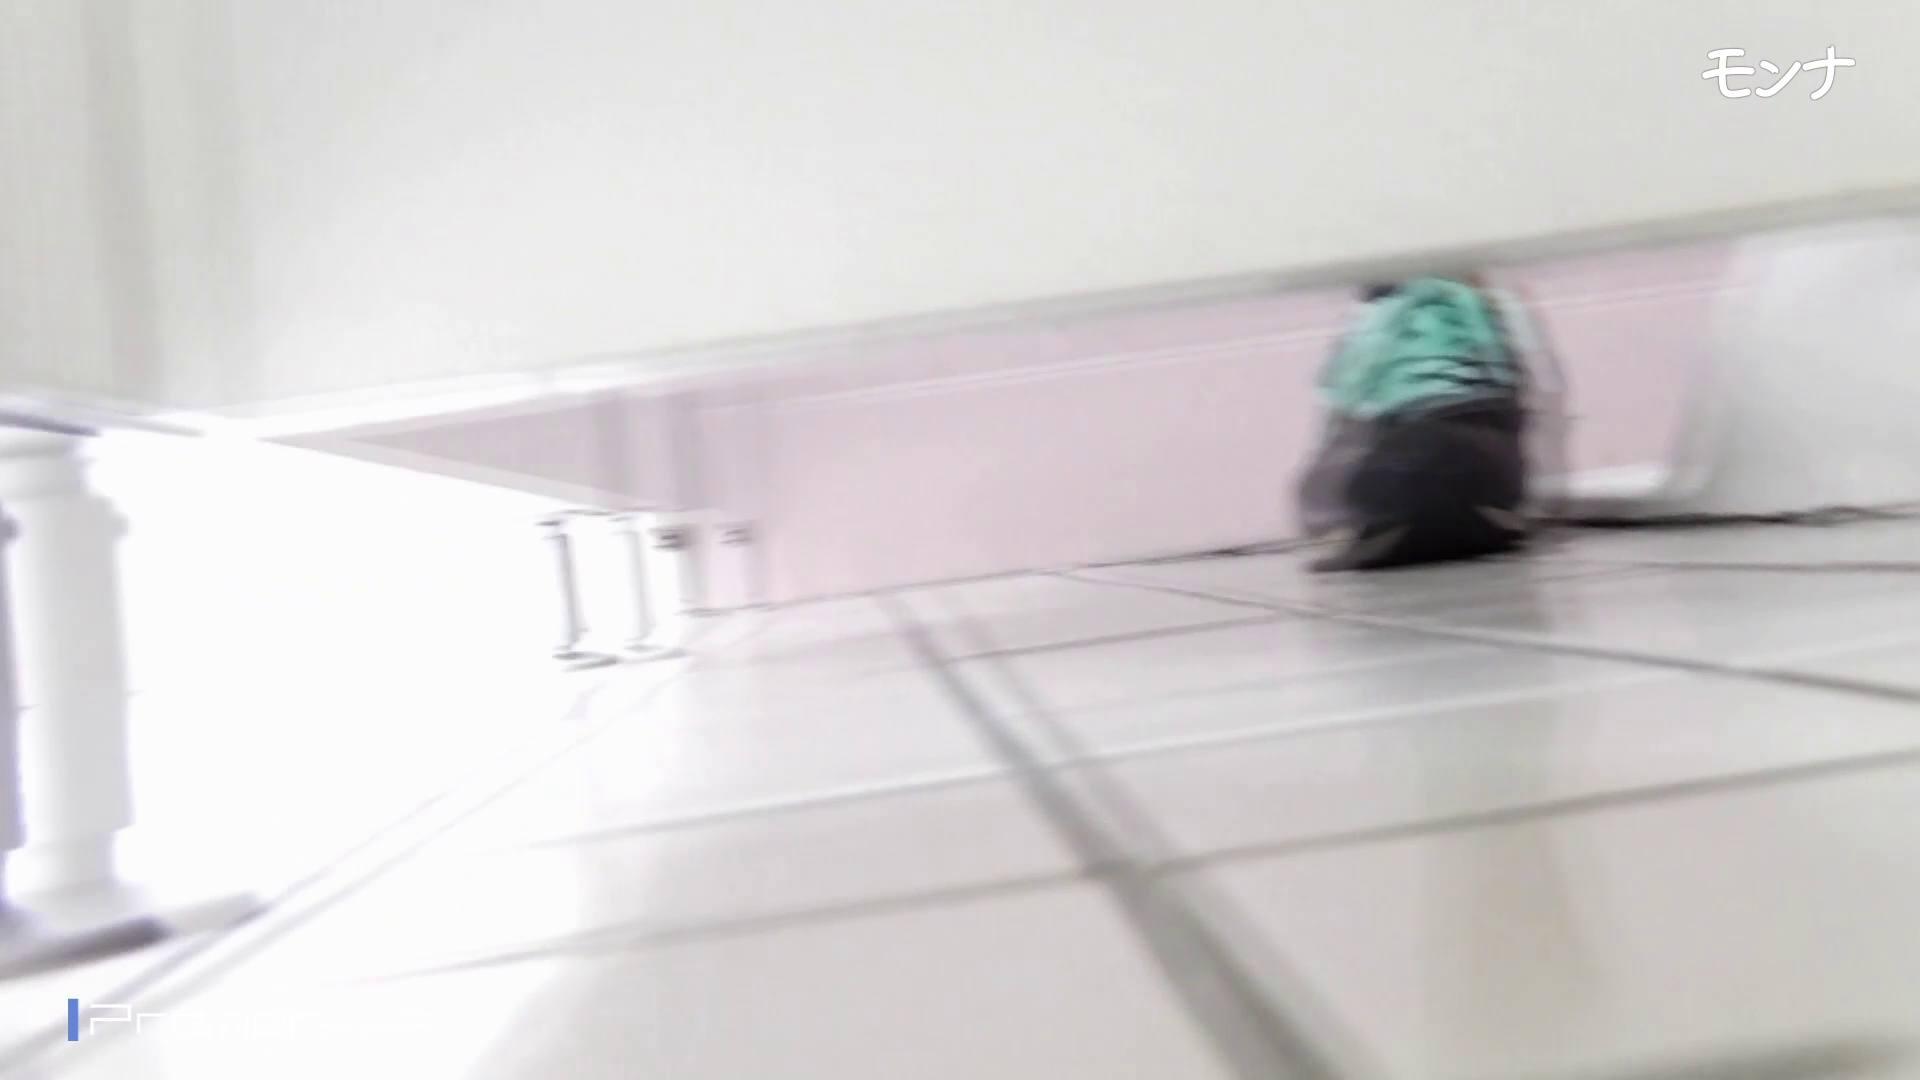 美しい日本の未来 No.75 たまらないくびれ 2 生え茂る フェチ オメコ無修正動画無料 87枚 59